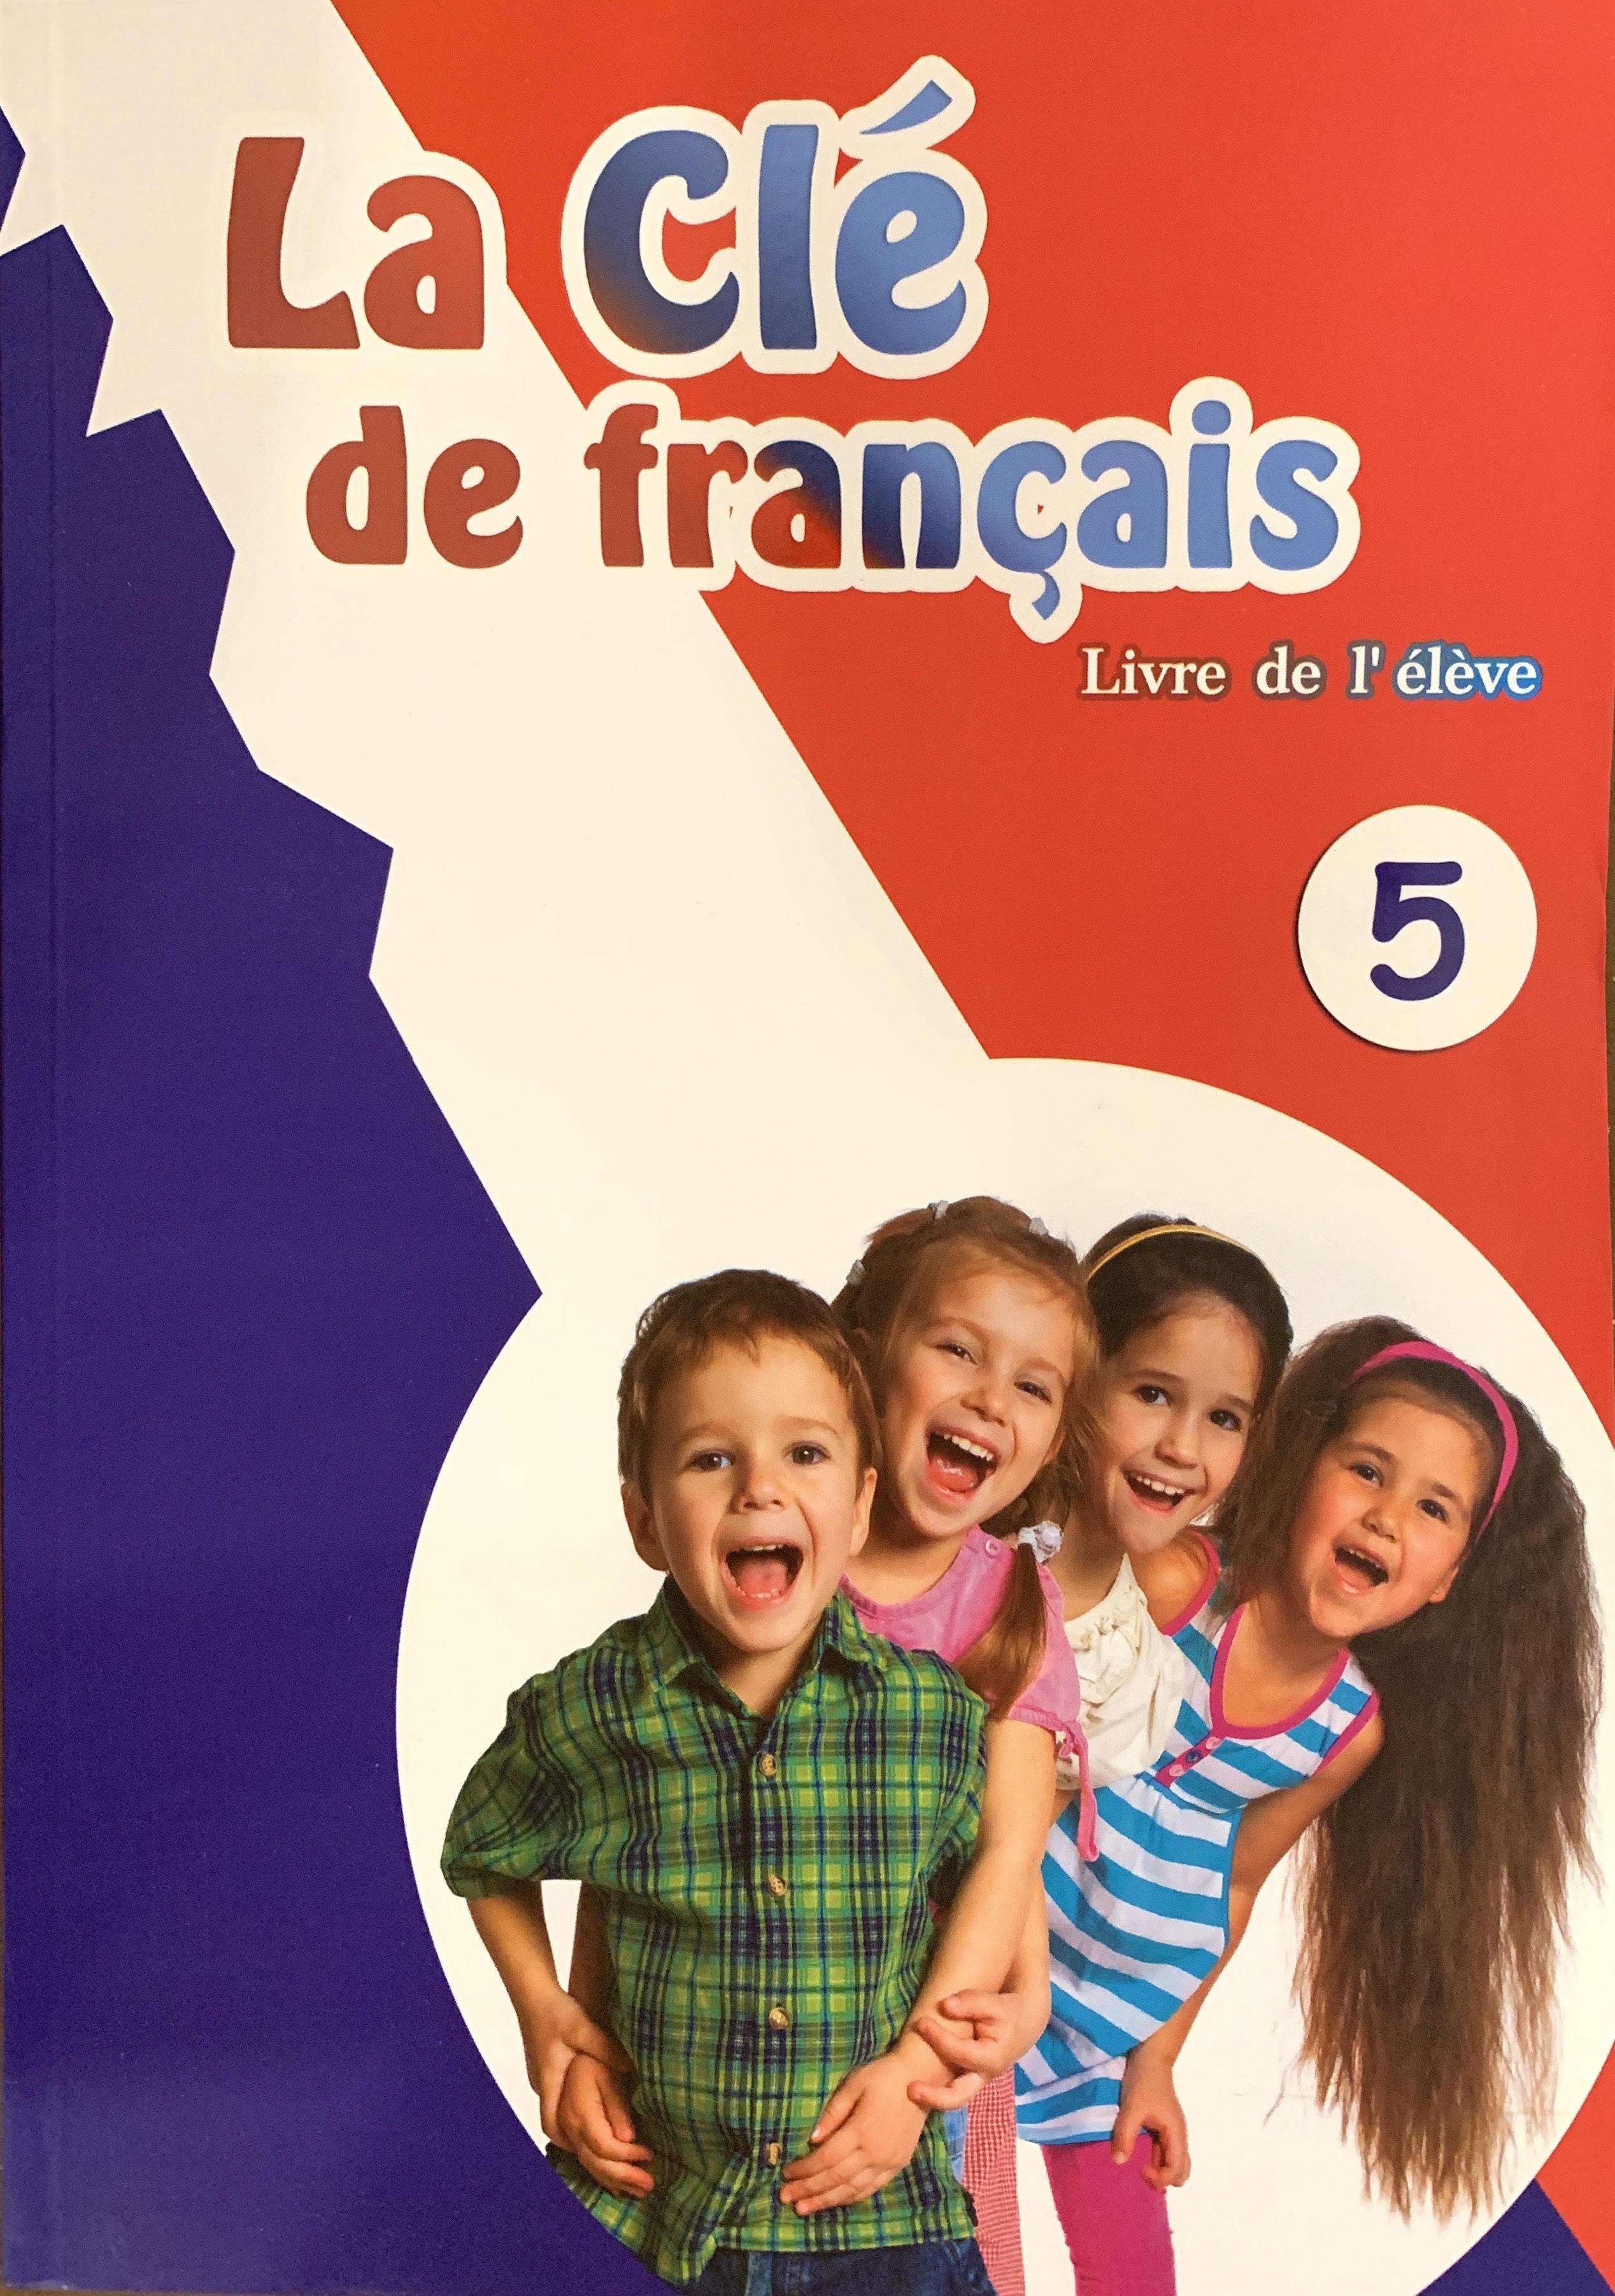 La Cle de Francais Class 5